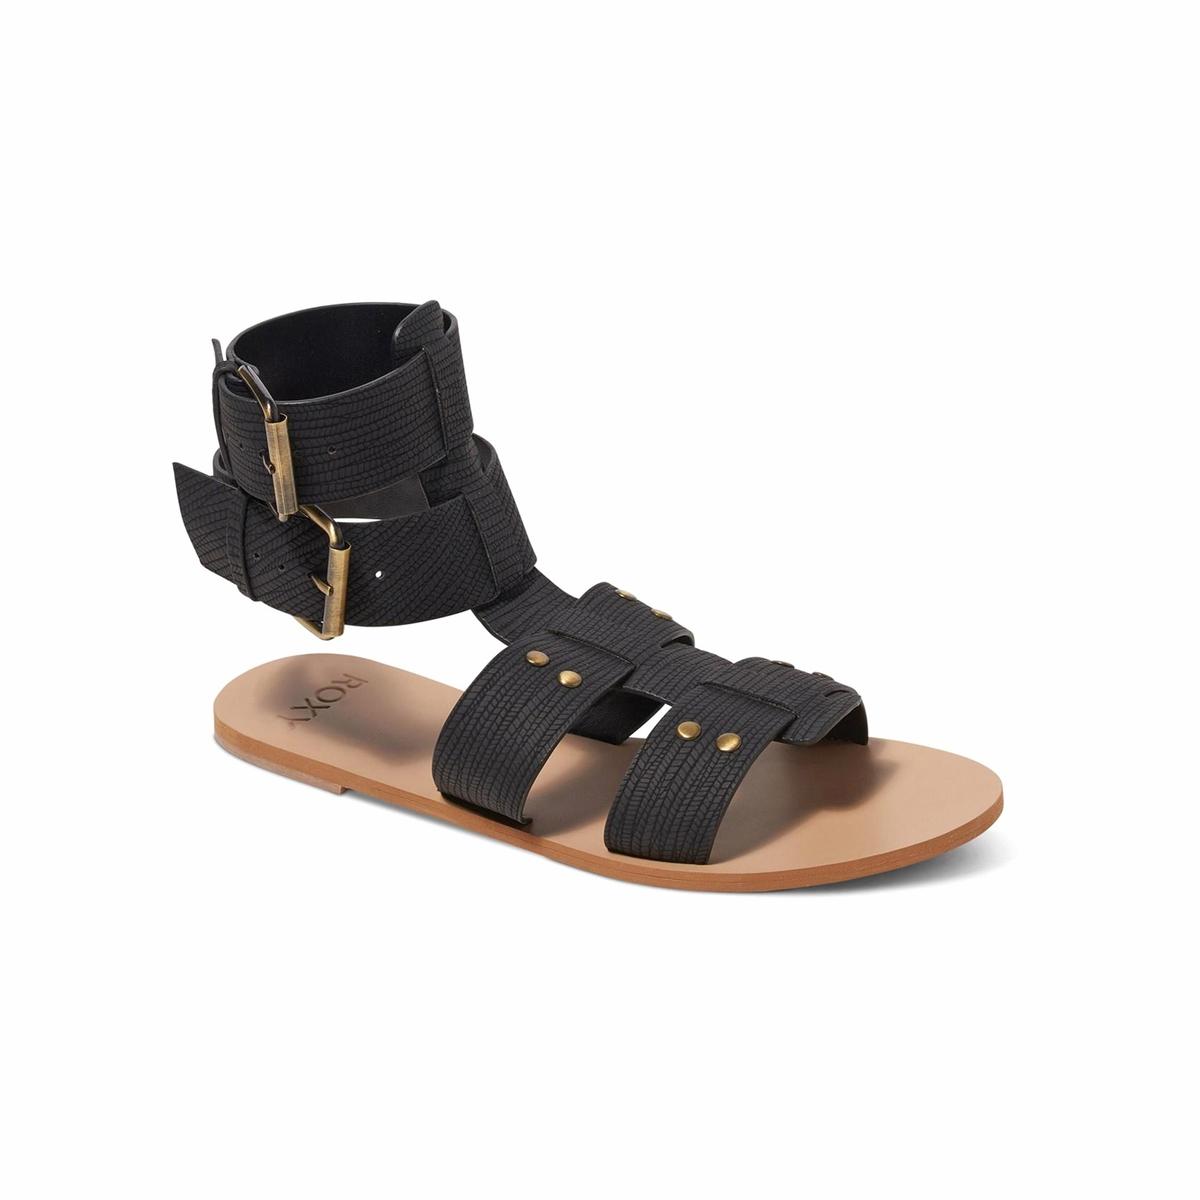 Сандалии TylerВерх : синтетика   Подошва : каучук   Форма каблука : плоский каблук   Мысок : открытый мысок   Застежка : ремешок/пряжка<br><br>Цвет: черный